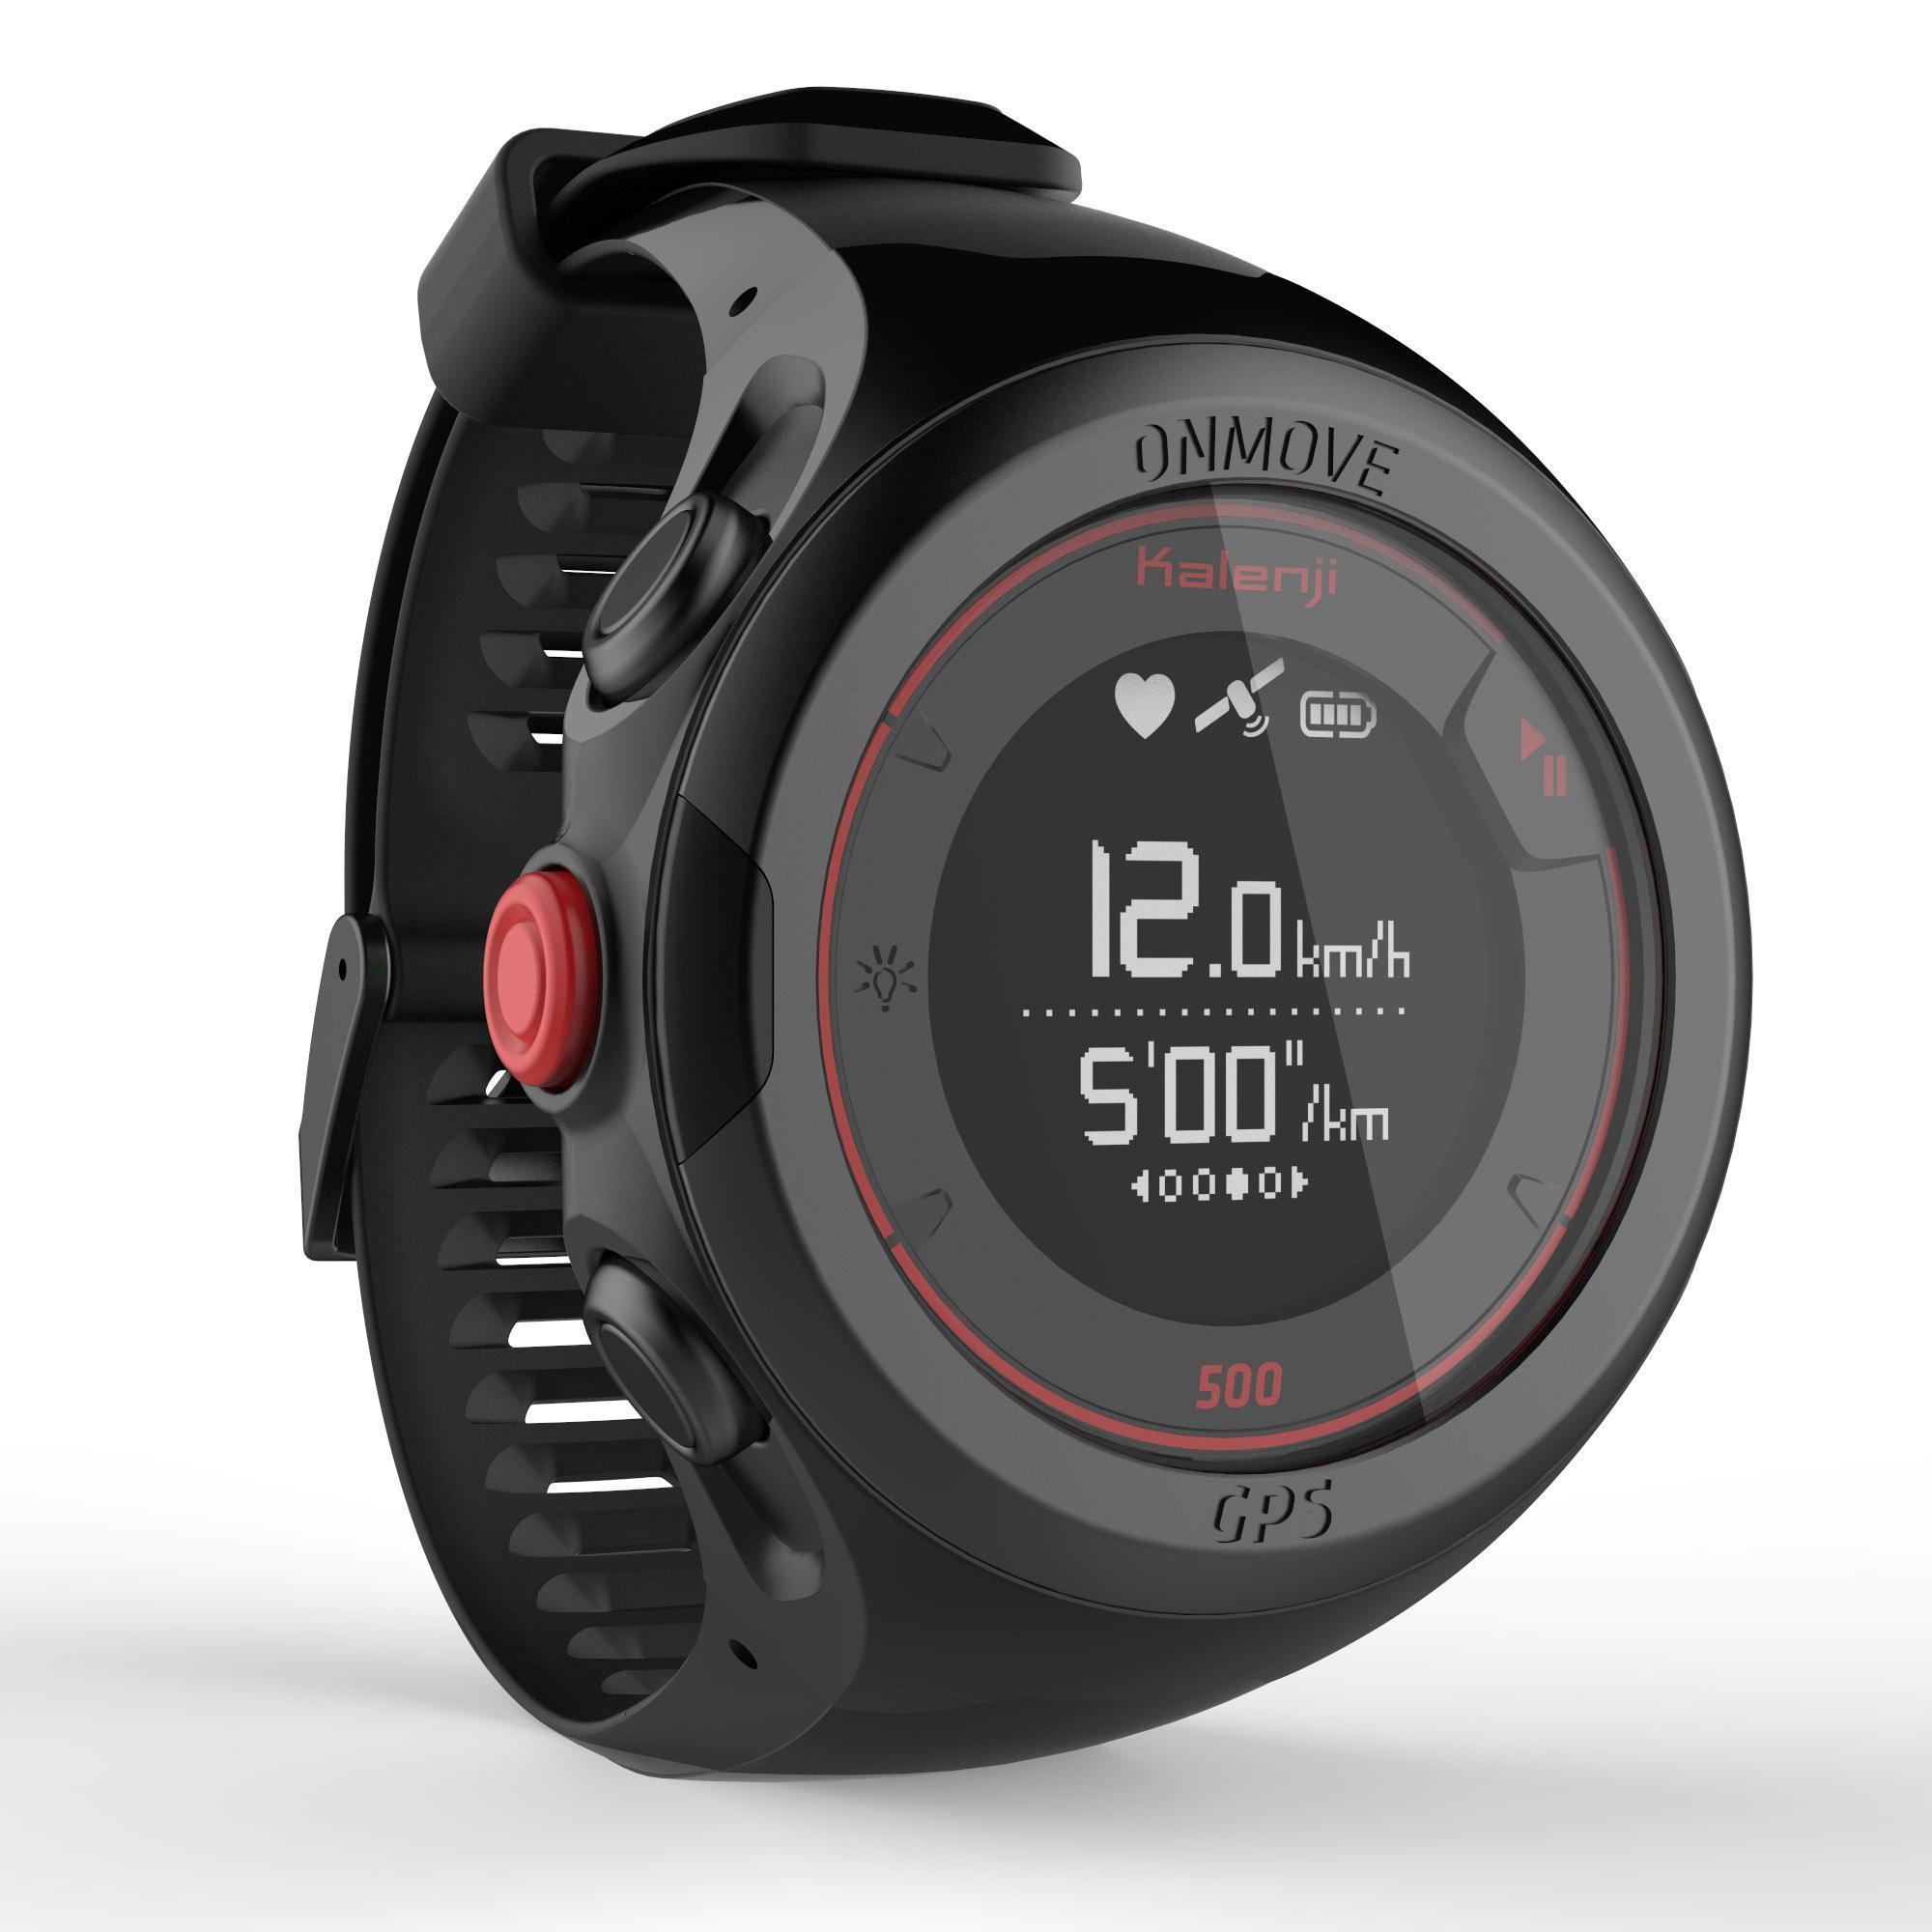 Montre cardio de running GPS Kalenji OnMove 500 - noir